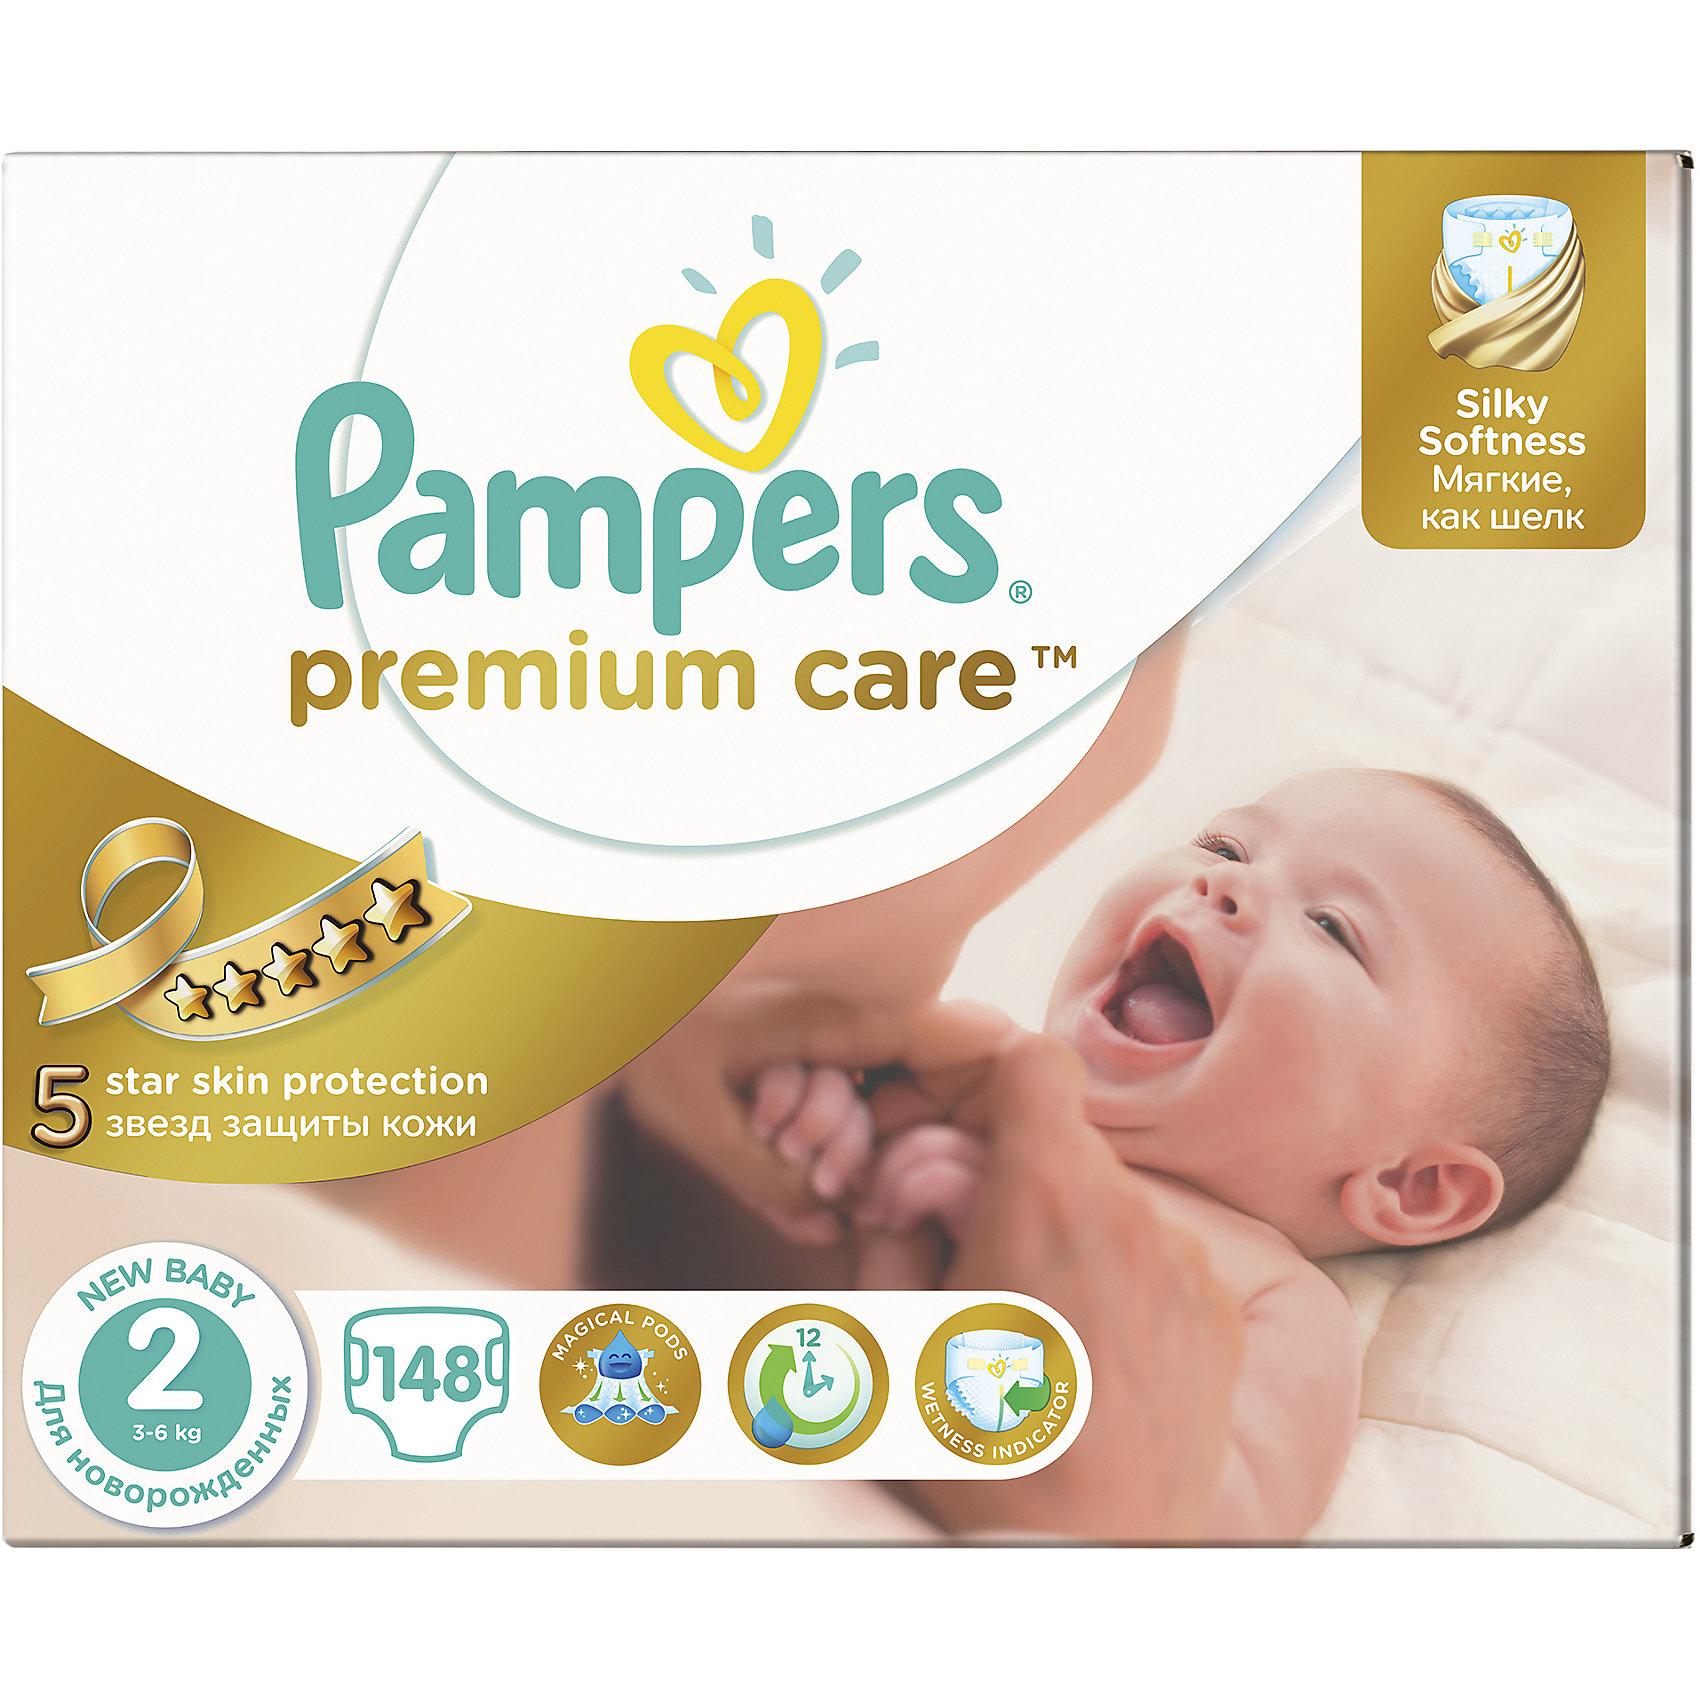 Подгузники Pampers Premium Care, 3-6 кг, 2 размер, 148 шт., PampersХарактеристики:<br><br>• Пол: универсальный<br>• Тип подгузника: одноразовый<br>• Коллекция: Premium Care<br>• Предназначение: для использования в любое время суток <br>• Размер: 2<br>• Вес ребенка: от 3 до 6 кг<br>• Количество в упаковке: 148 шт.<br>• Упаковка: картонная коробка<br>• Размер упаковки: 37,2*23,1*31,1 см<br>• Вес в упаковке: 3 кг 570 г<br>• Специальный вырез для пупка<br>• Эластичные застежки-липучки<br>• Подходят для чувствительной кожи<br>• Индикатор влаги<br>• Дышащие материалы<br>• Повышенные впитывающие свойства<br><br>Подгузники Pampers Premium Care, 3-6 кг, 2 размер, 148 шт., Pampers – это новейшая линейка детских подгузников от Pampers, которая сочетает в себе высокое качество и безопасность материалов, удобство использования и комфорт для нежной кожи малыша. Подгузники предназначены для младенцев весом до 6 кг. Инновационные технологии и современные материалы обеспечивают этим подгузникам дышащие свойства, что особенно важно для кожи малыша. Три впитывающих слоя обеспечивают повышенные впитывающие качества, при этом верхний слой остается сухим и мягким. <br><br>У подгузников предусмотрена эластичная мягкая резиночка на спинке. Спереди имеется выемка для пупка, благодаря чему обеспечивается защита от его травмирования. Широкие липучки с двух сторон обеспечивают надежную фиксацию. У подгузника предусмотрен индикатор сухости-влажности, полоска, которая по мере наполнения меняет цвет. Подгузник подходит как для мальчиков, так и для девочек. <br><br>Подгузники Pampers Premium Care, 3-6 кг, 2 размер, 148 шт., Pampers можно купить в нашем интернет-магазине.<br><br>Ширина мм: 372<br>Глубина мм: 231<br>Высота мм: 311<br>Вес г: 357<br>Возраст от месяцев: 0<br>Возраст до месяцев: 6<br>Пол: Унисекс<br>Возраст: Детский<br>SKU: 5419028